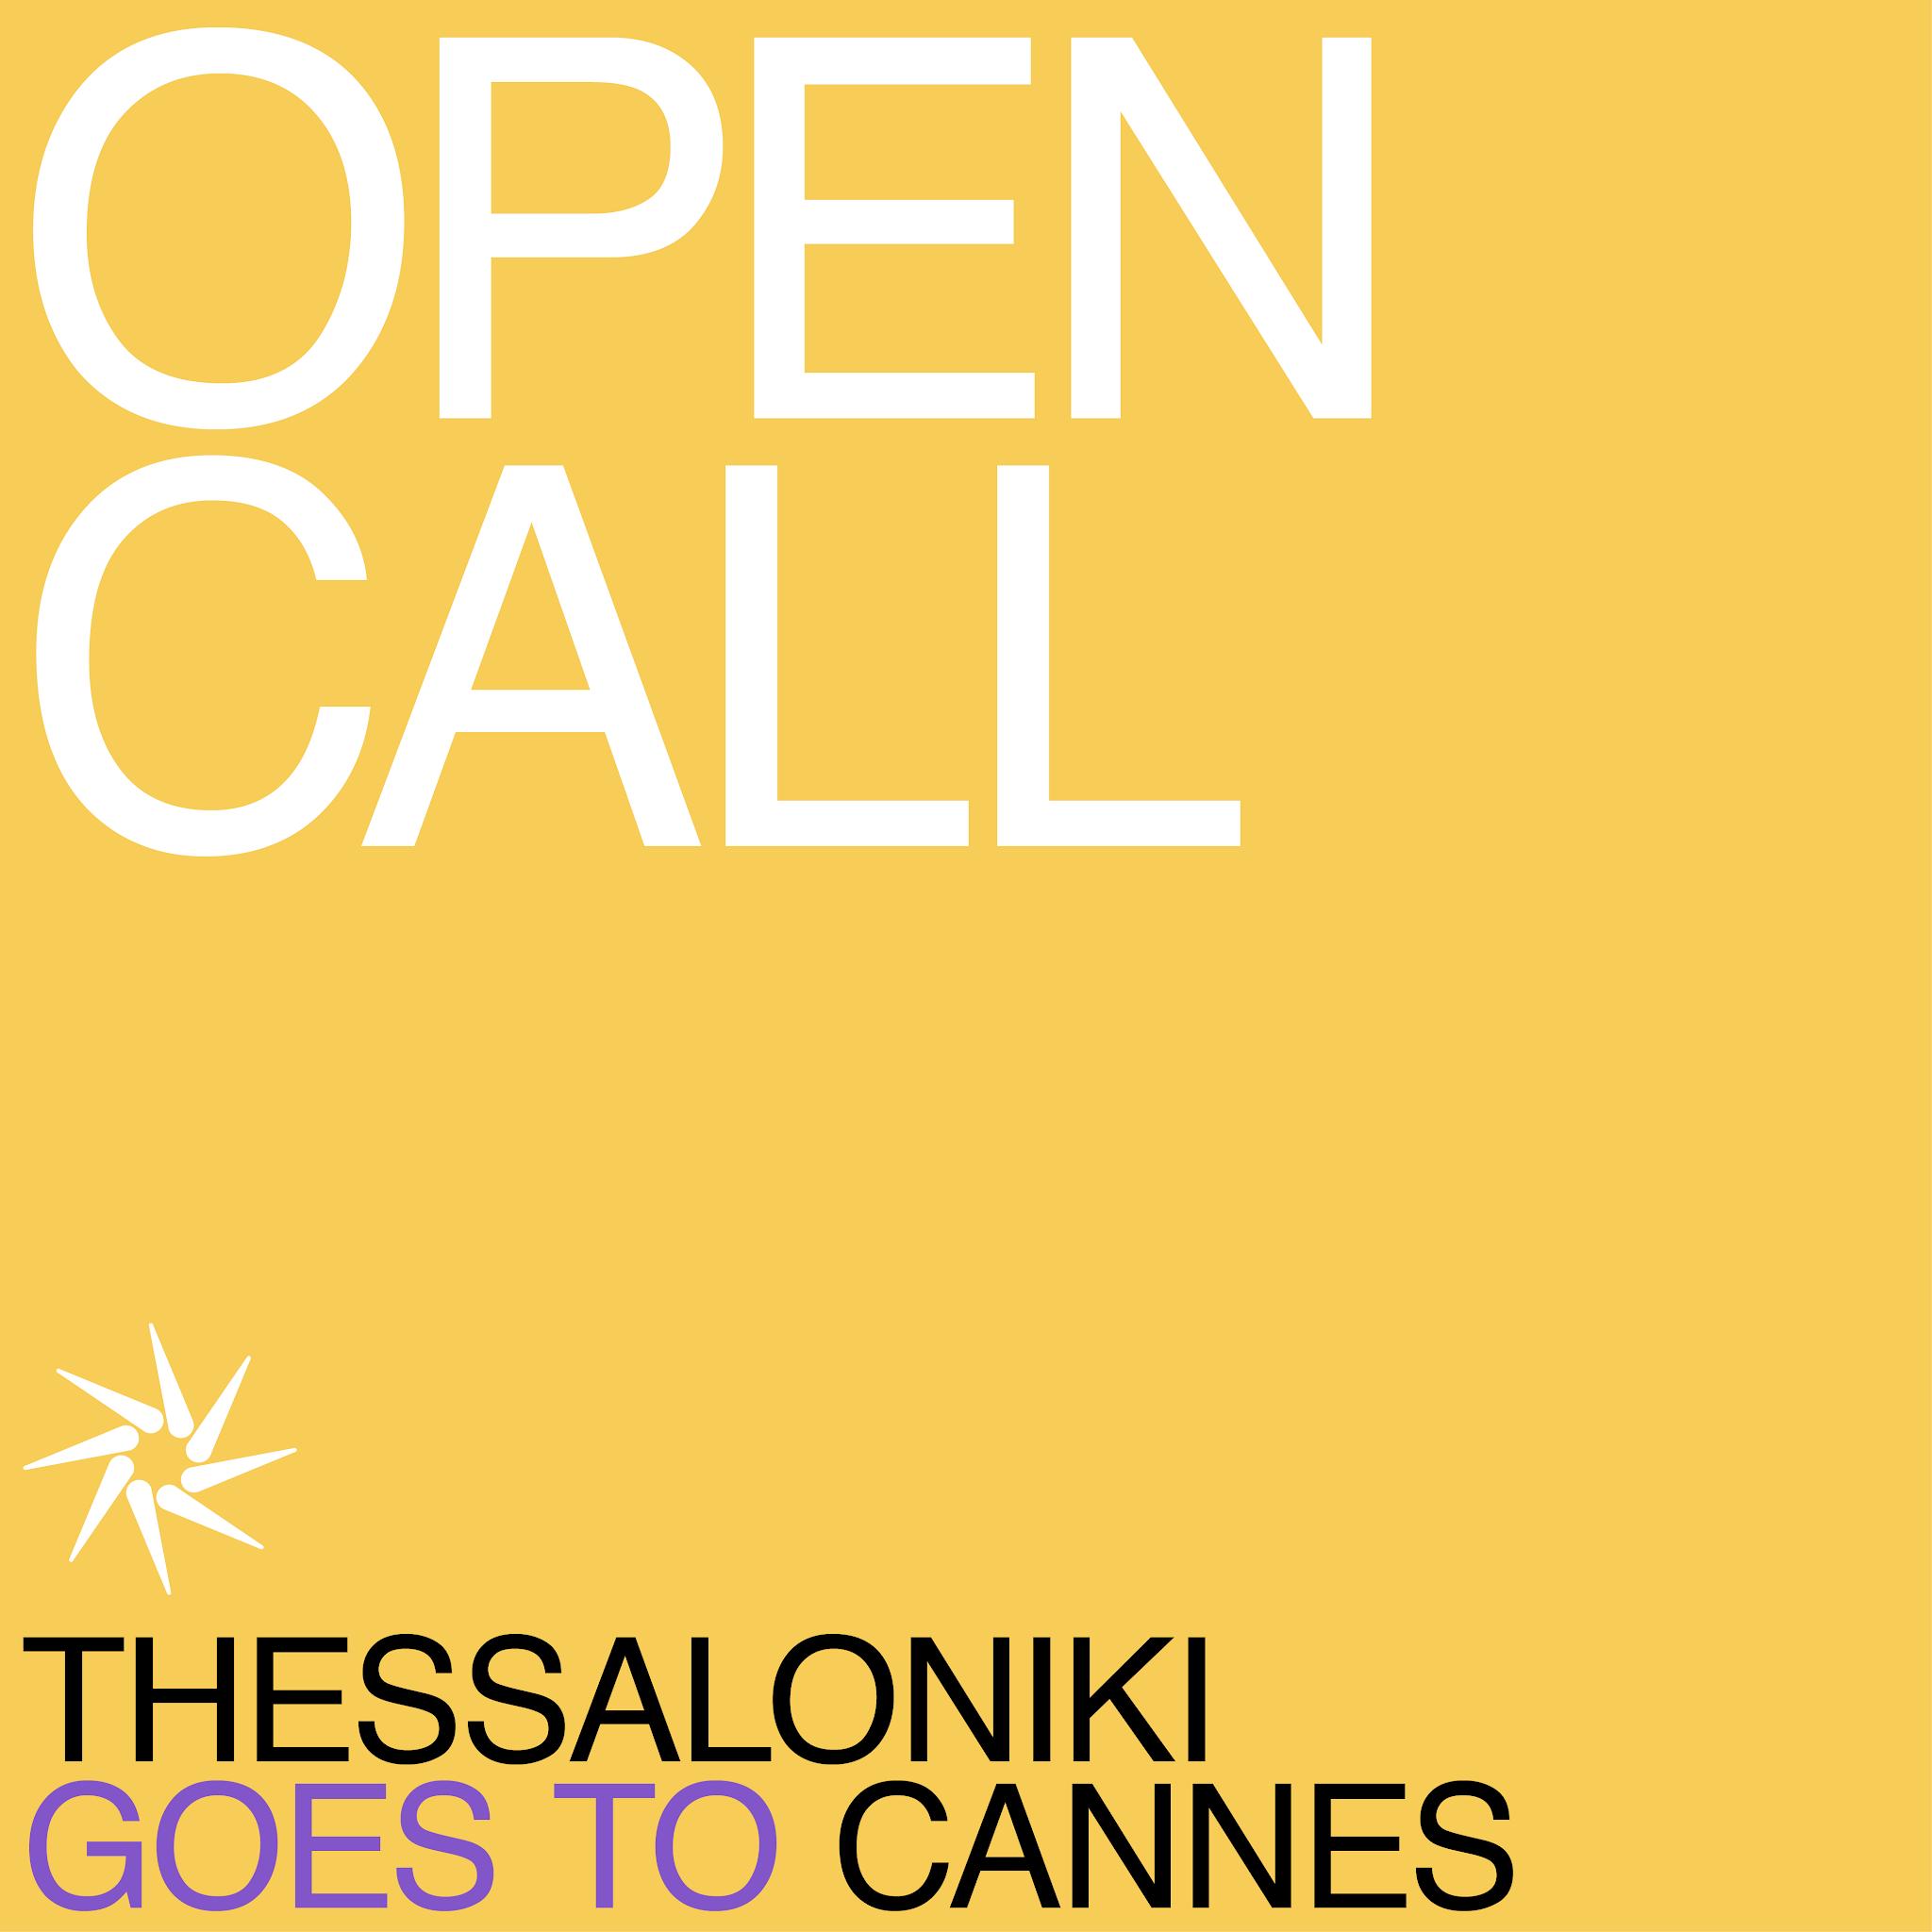 Η δράση «Thessaloniki Goes to Cannes», η οποία θα πραγματοποιηθεί διαδικτυακά, αναζητά πρότζεκτ